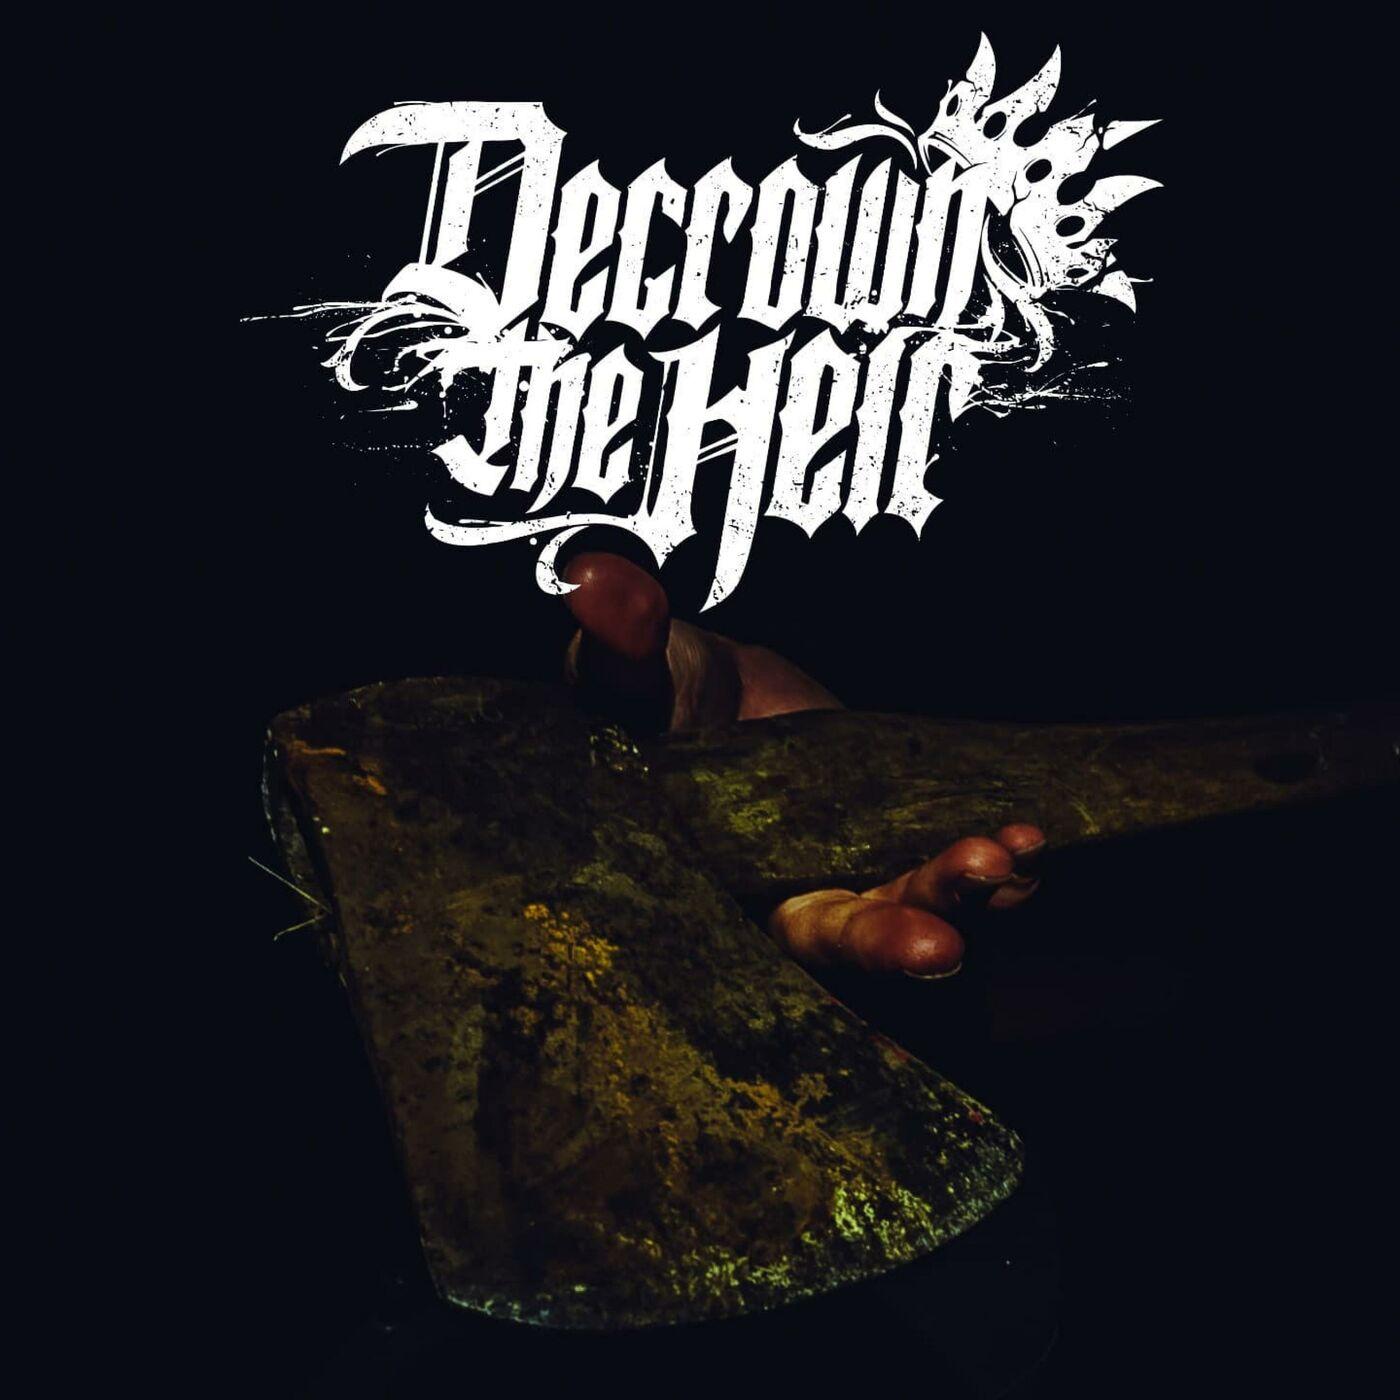 Decrown the Heir - Zero [single] (2020)